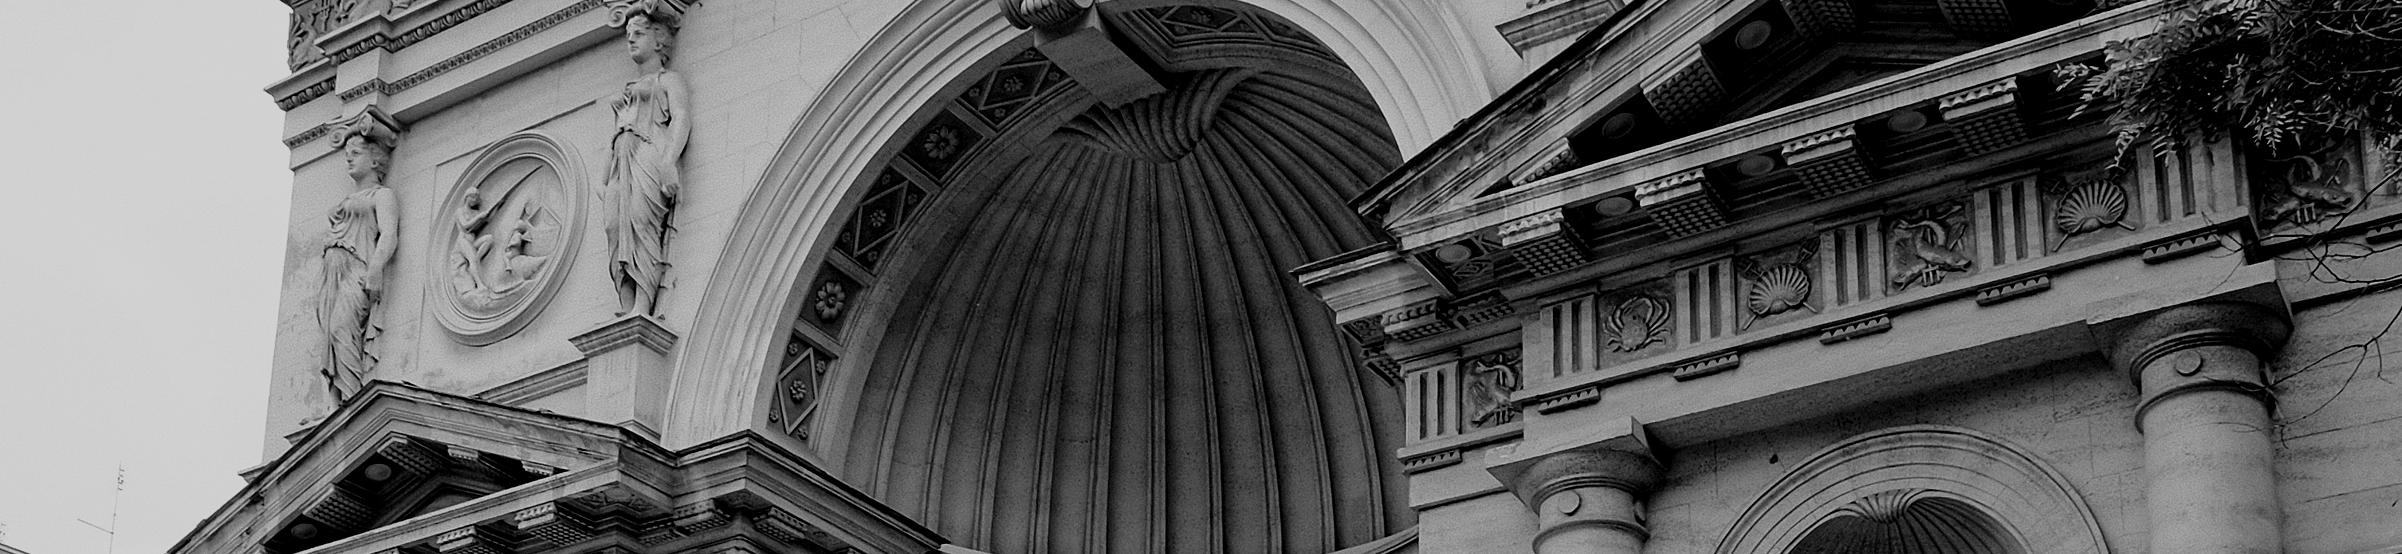 Ordine degli architetti di roma ordine architetti roma for Roma ordine architetti